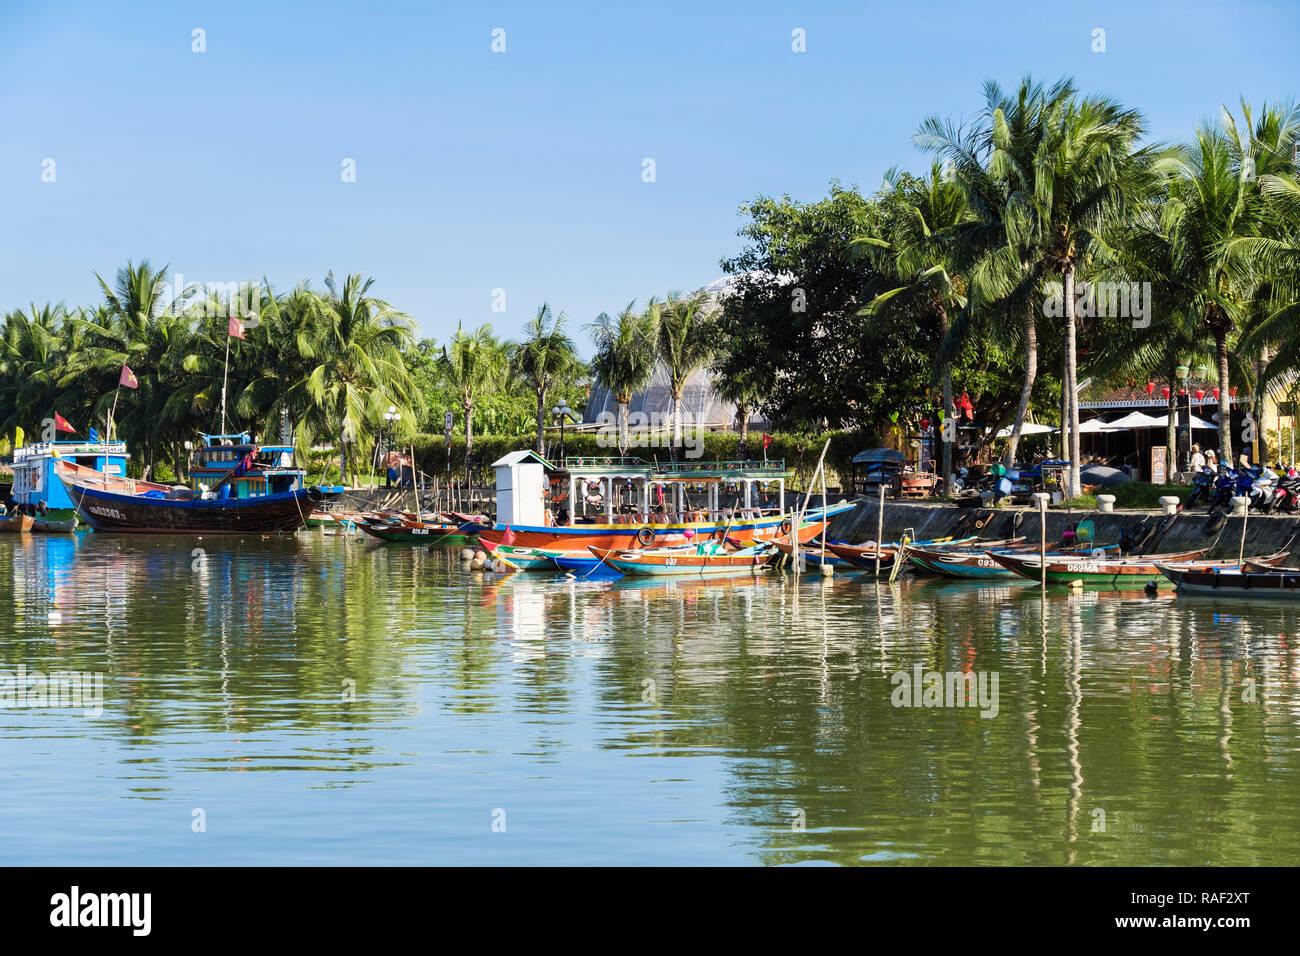 Les bateaux traditionnels sur la rivière Thu Bon et bordée de palmiers dans le vieux quartier de la ville historique. Hoi An, Quang Nam, Vietnam, Asie Photo Stock